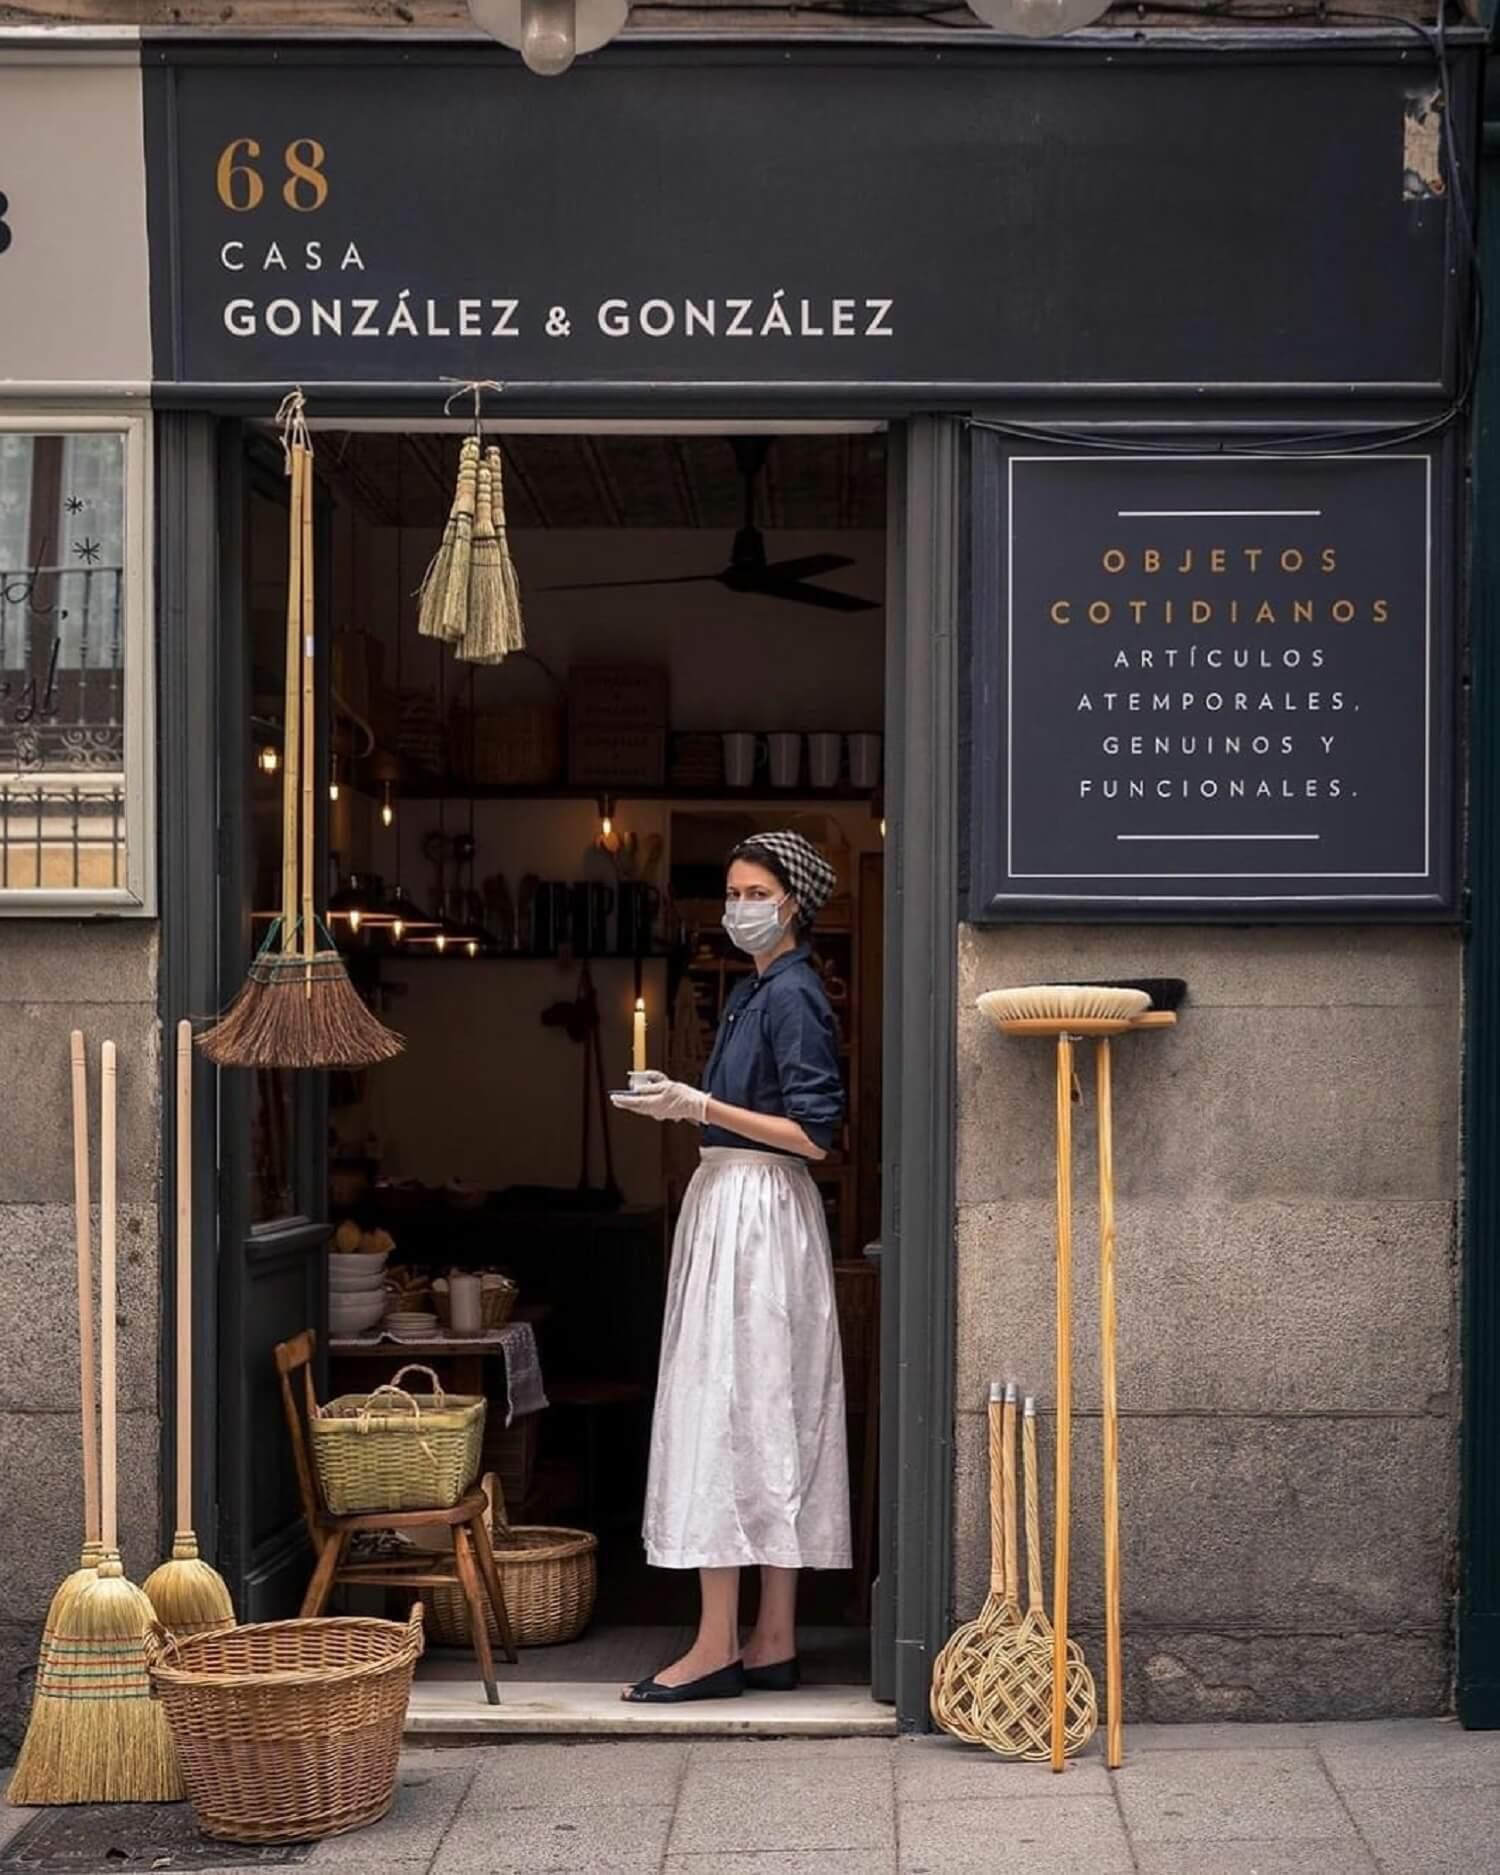 González & González